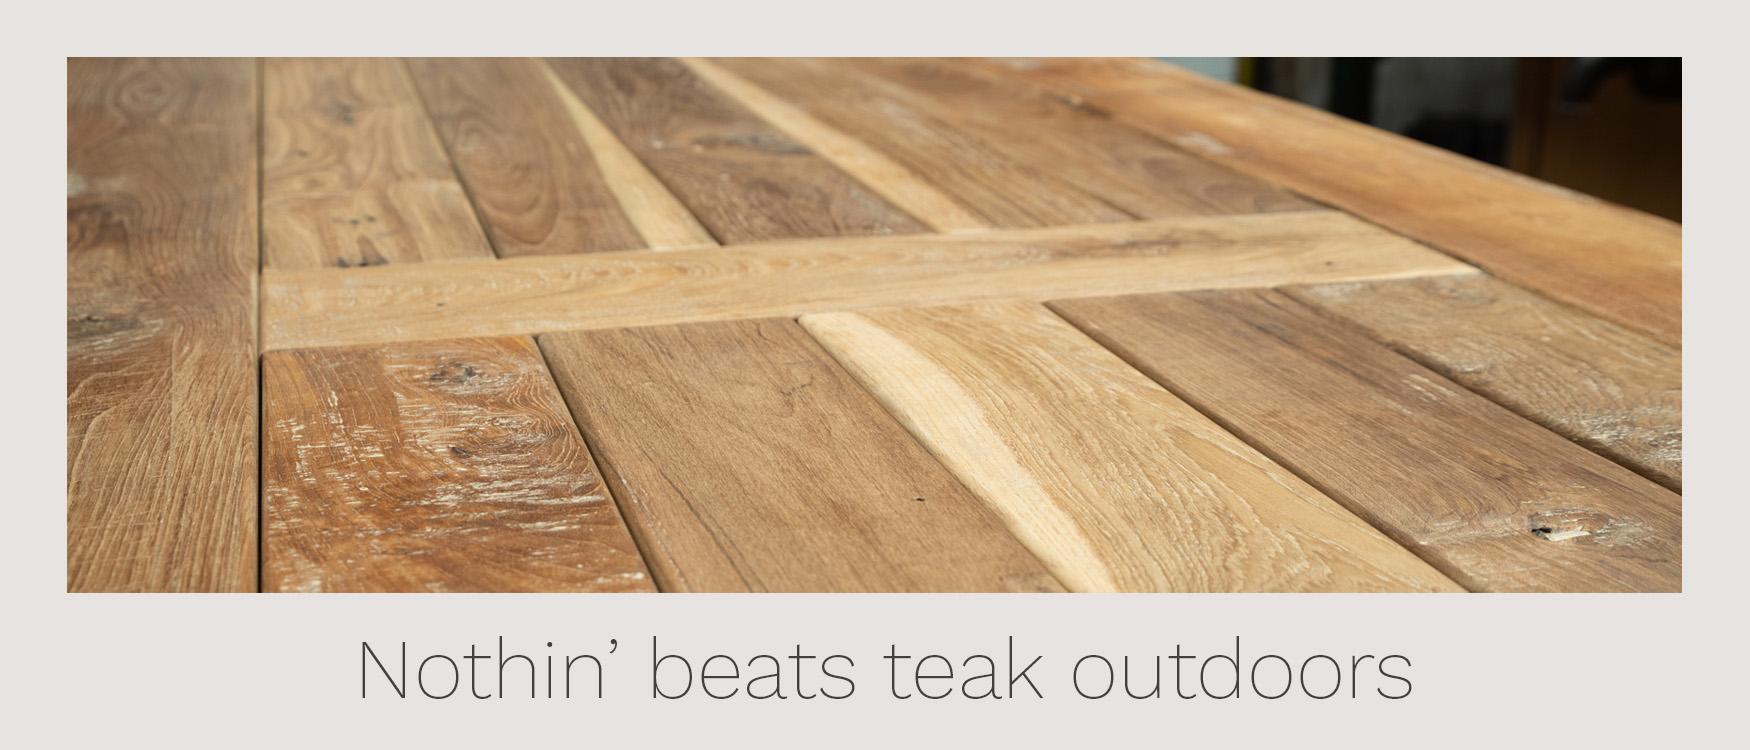 teak-outdoors.jpg